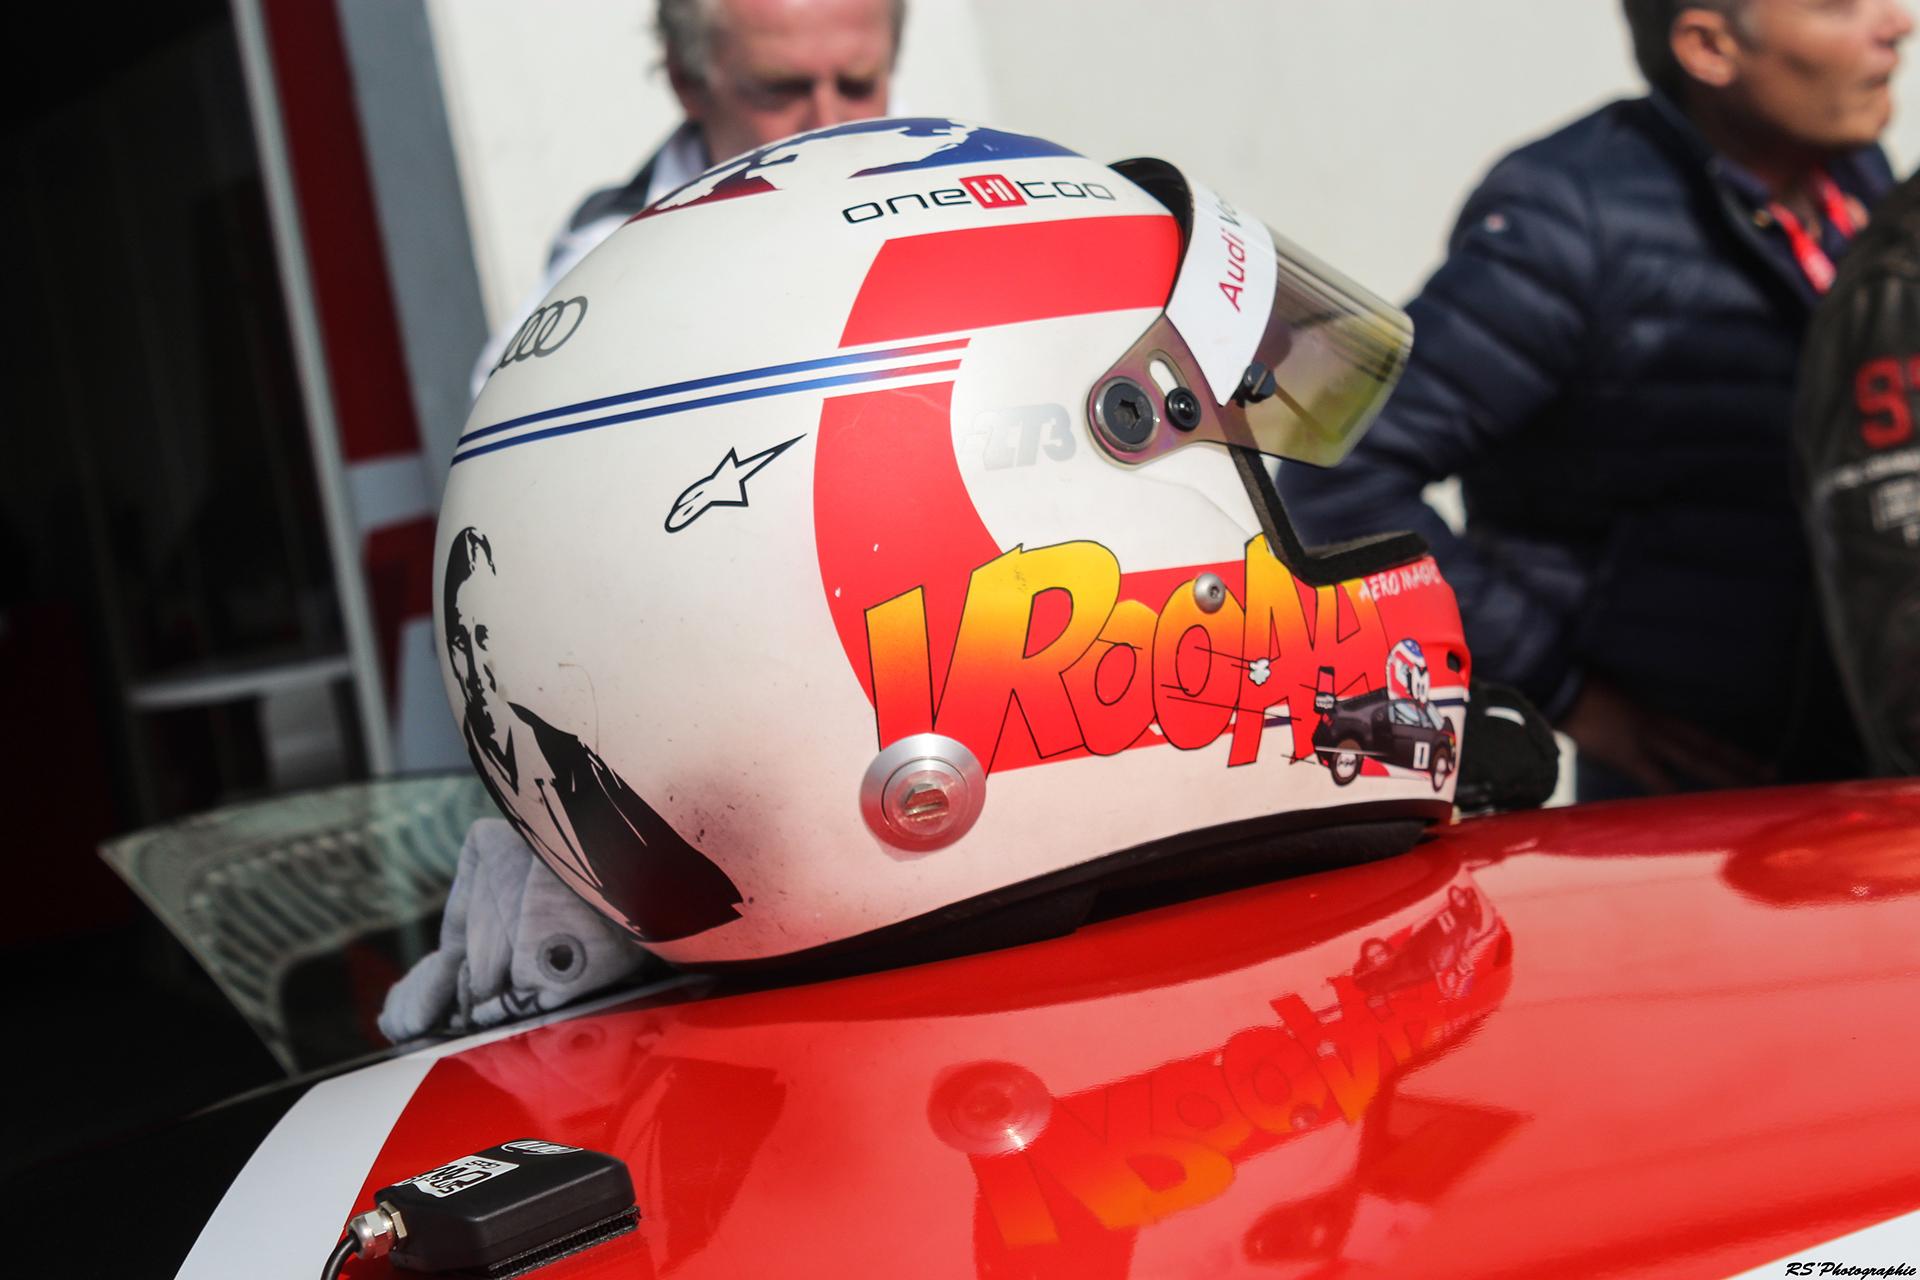 casque de pilote / drive helmet - photo Arnaud Demasier